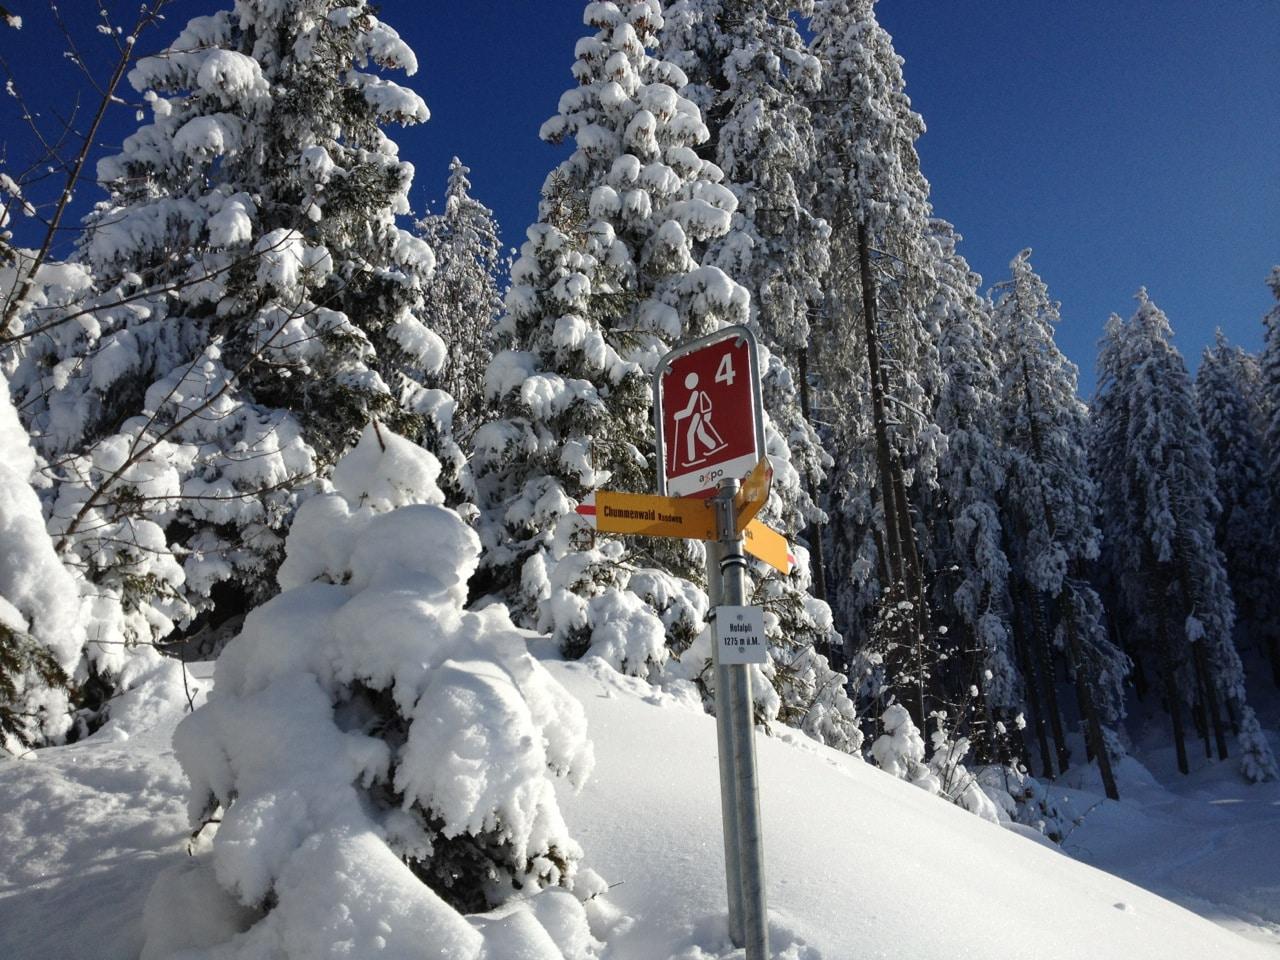 Schneeschuh- und Winterwanderweg Fronalp